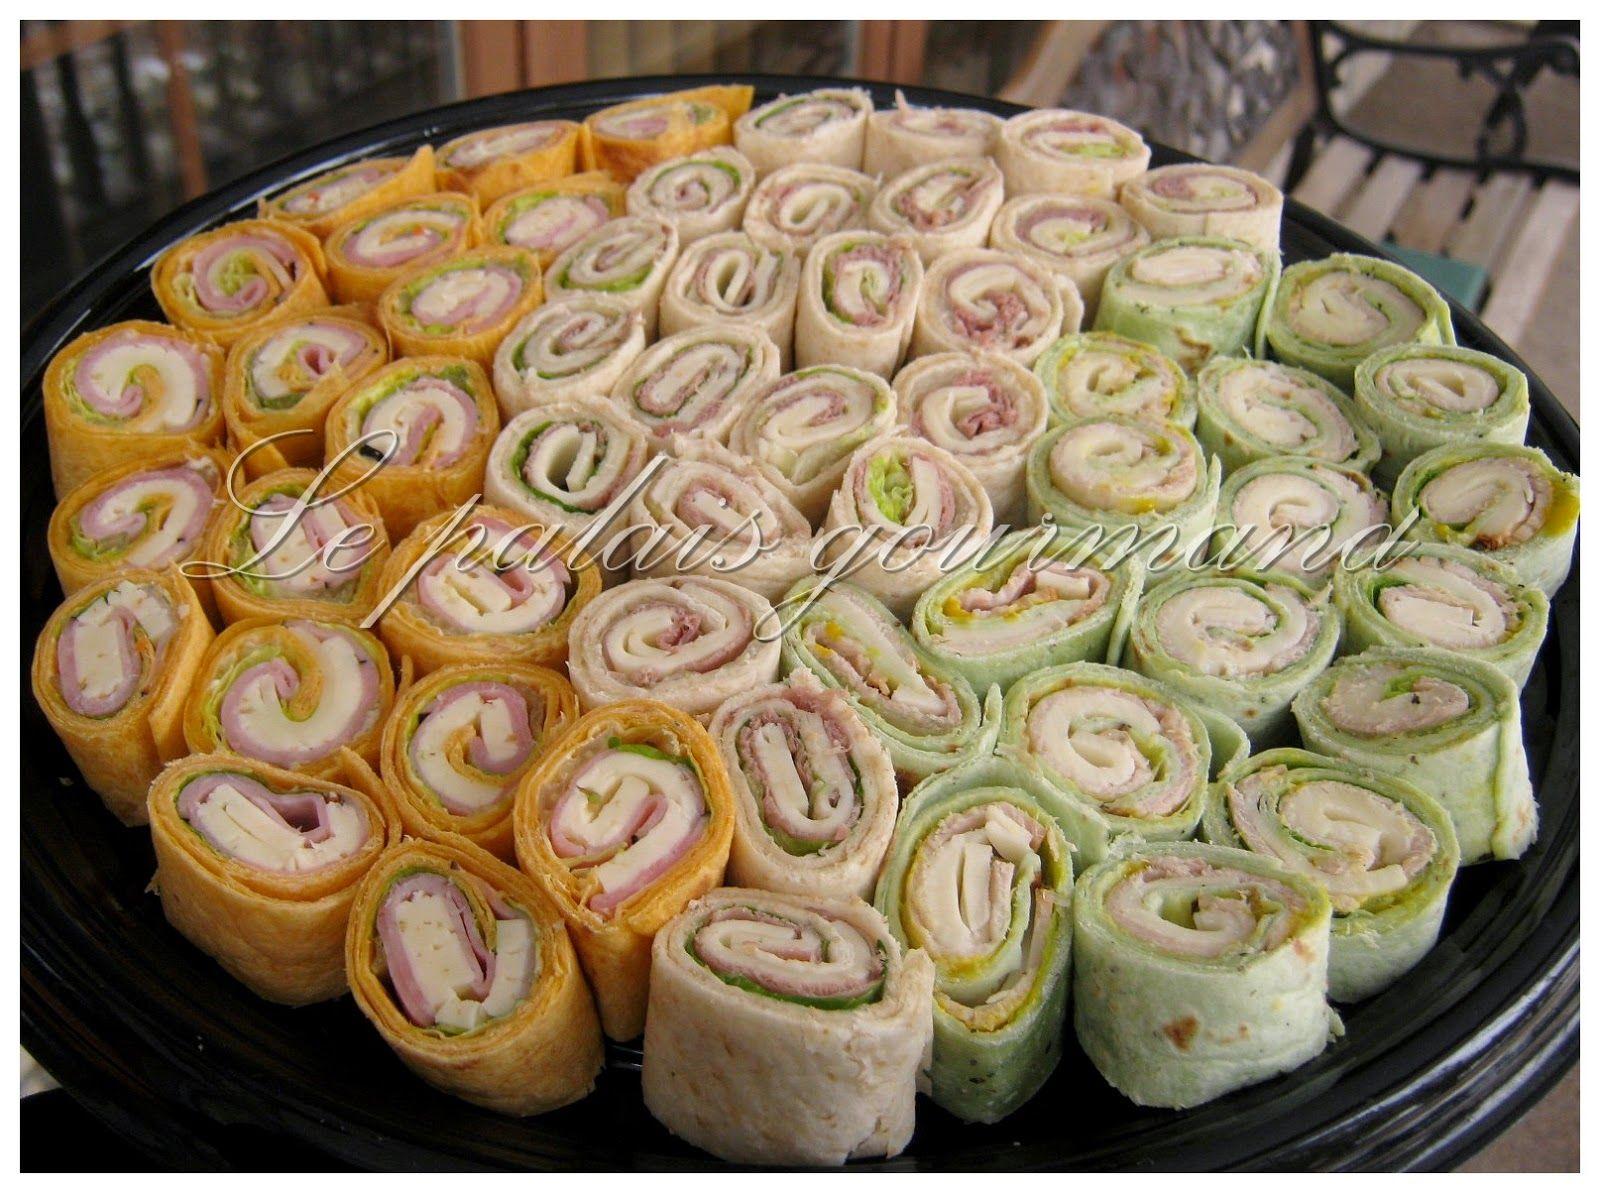 le palais gourmand sandwiches roul s tortillas apero pinterest sandwichs roul s recette. Black Bedroom Furniture Sets. Home Design Ideas